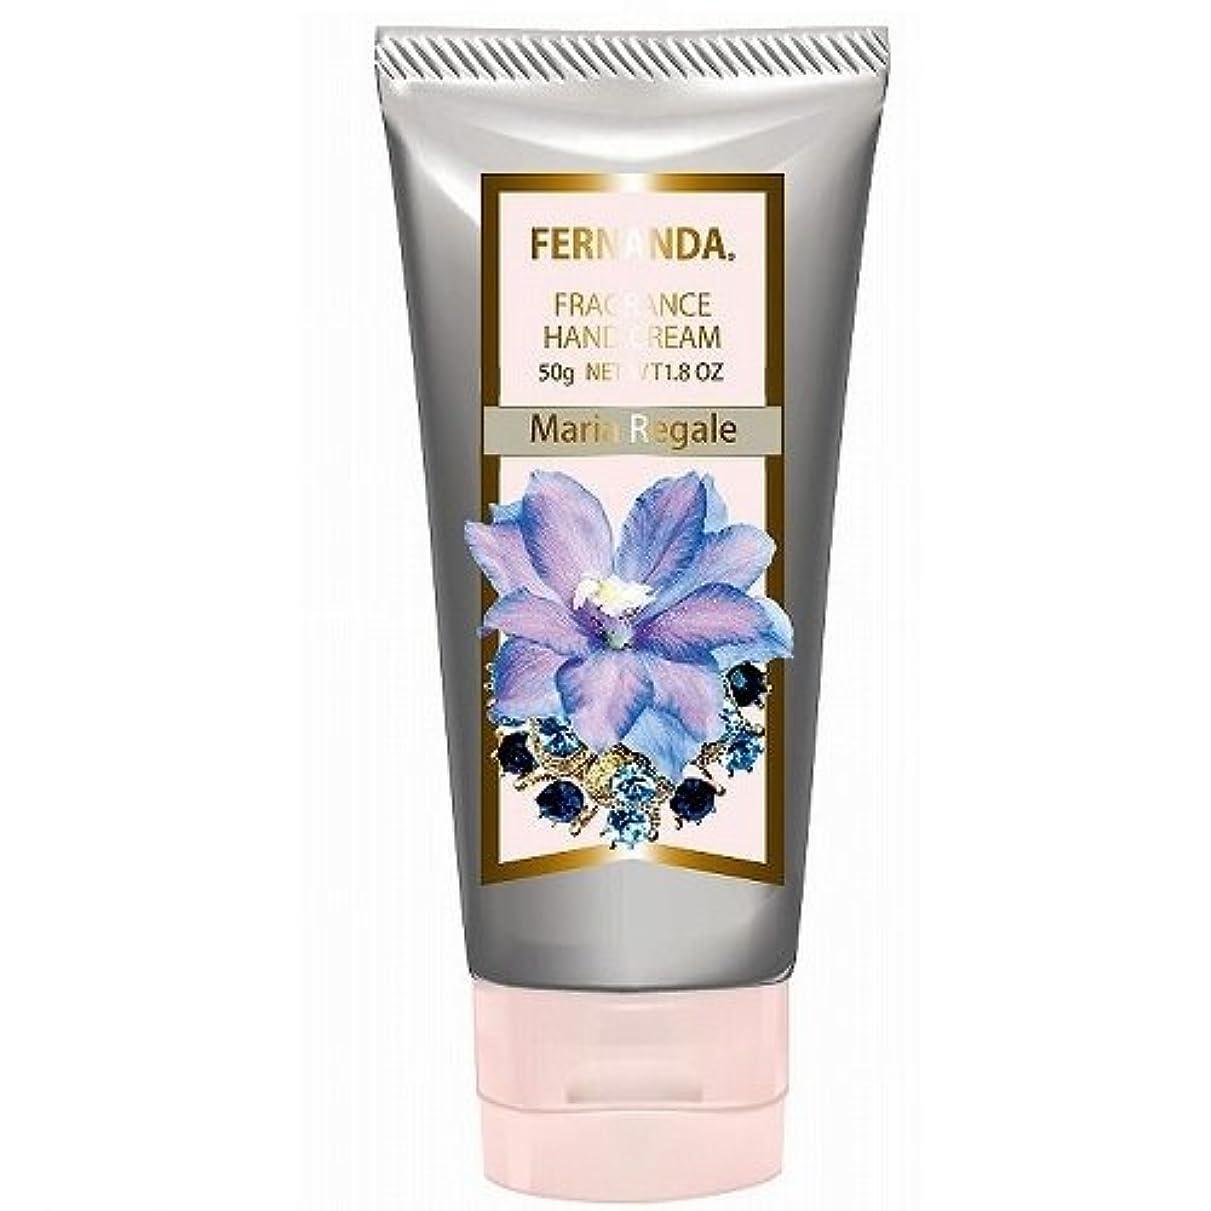 クレタ不倫カウンタFERNANDA(フェルナンダ) Hand Cream Maria Regale (ハンド クリーム マリアリゲル)